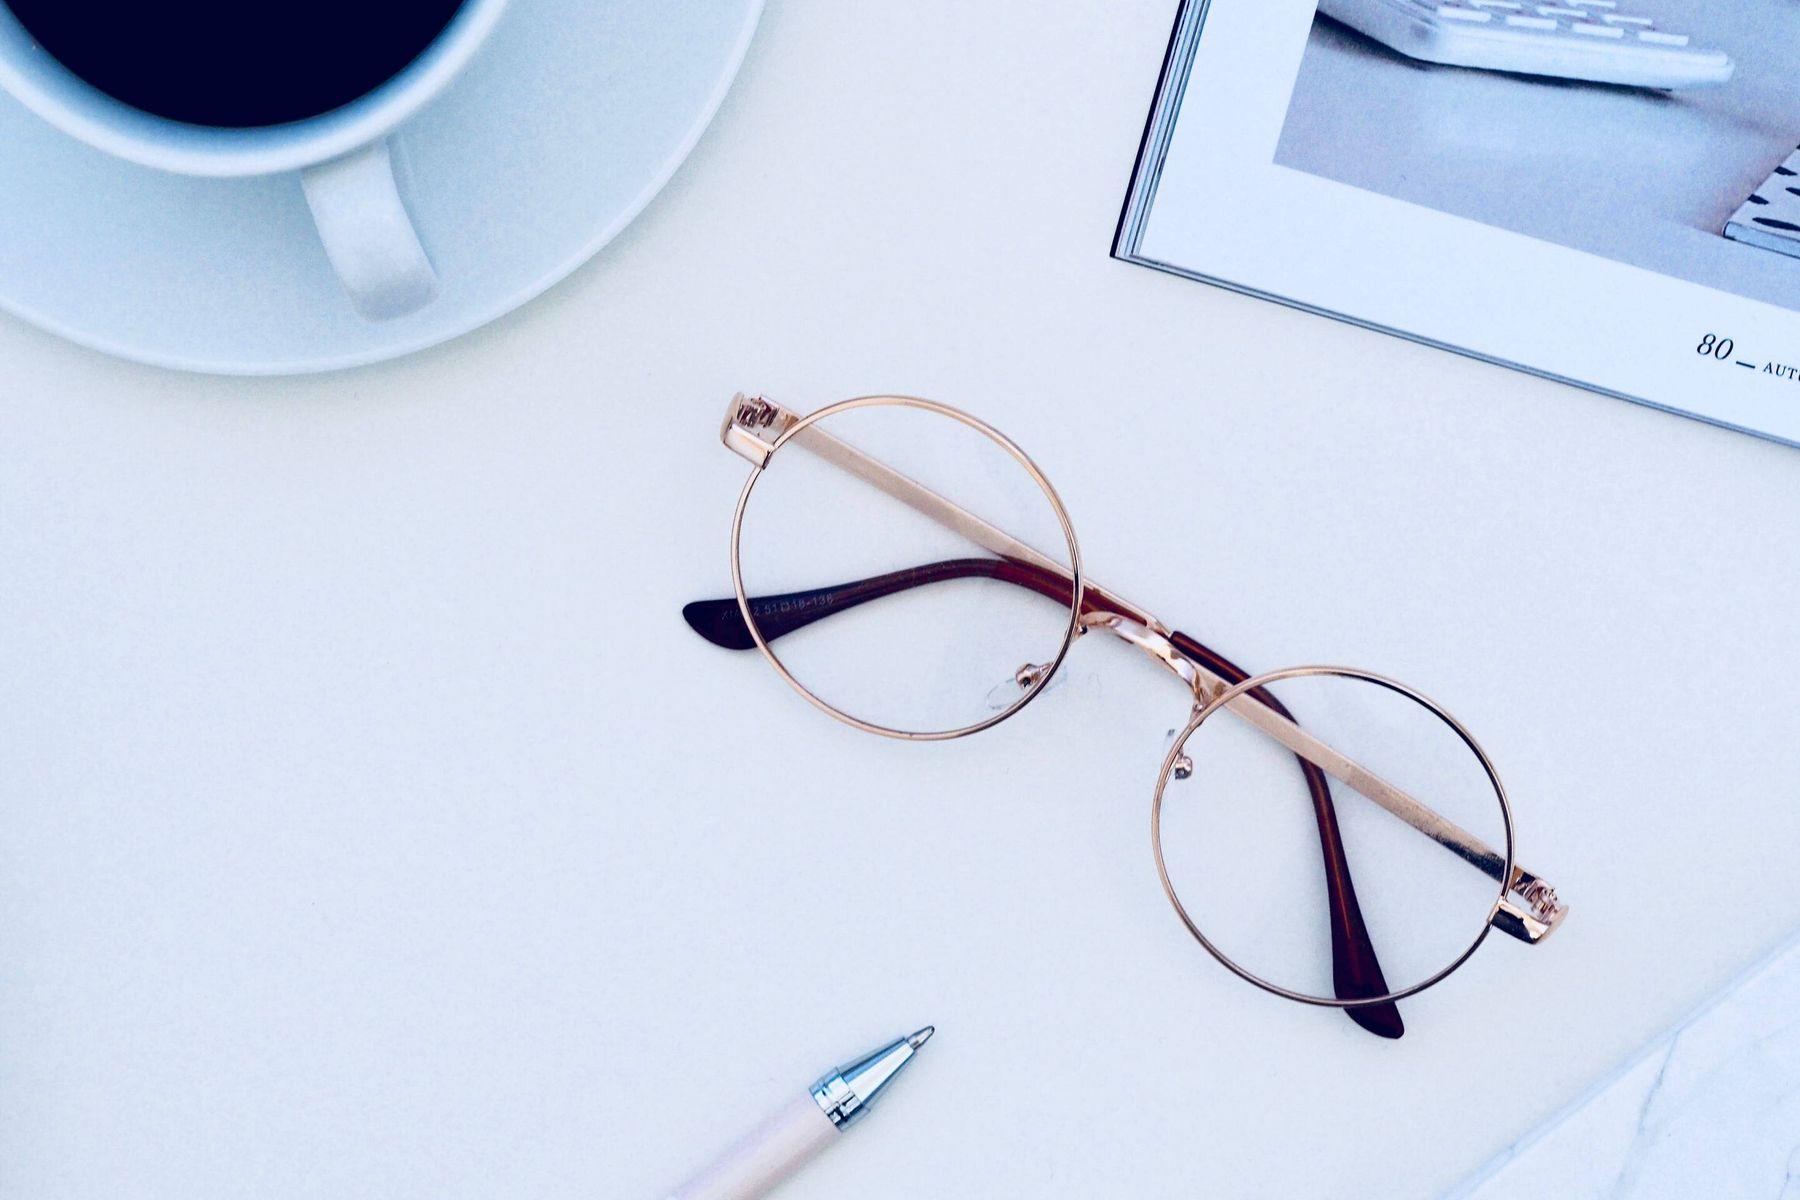 Brille auf Tisch mit Kaffetasse